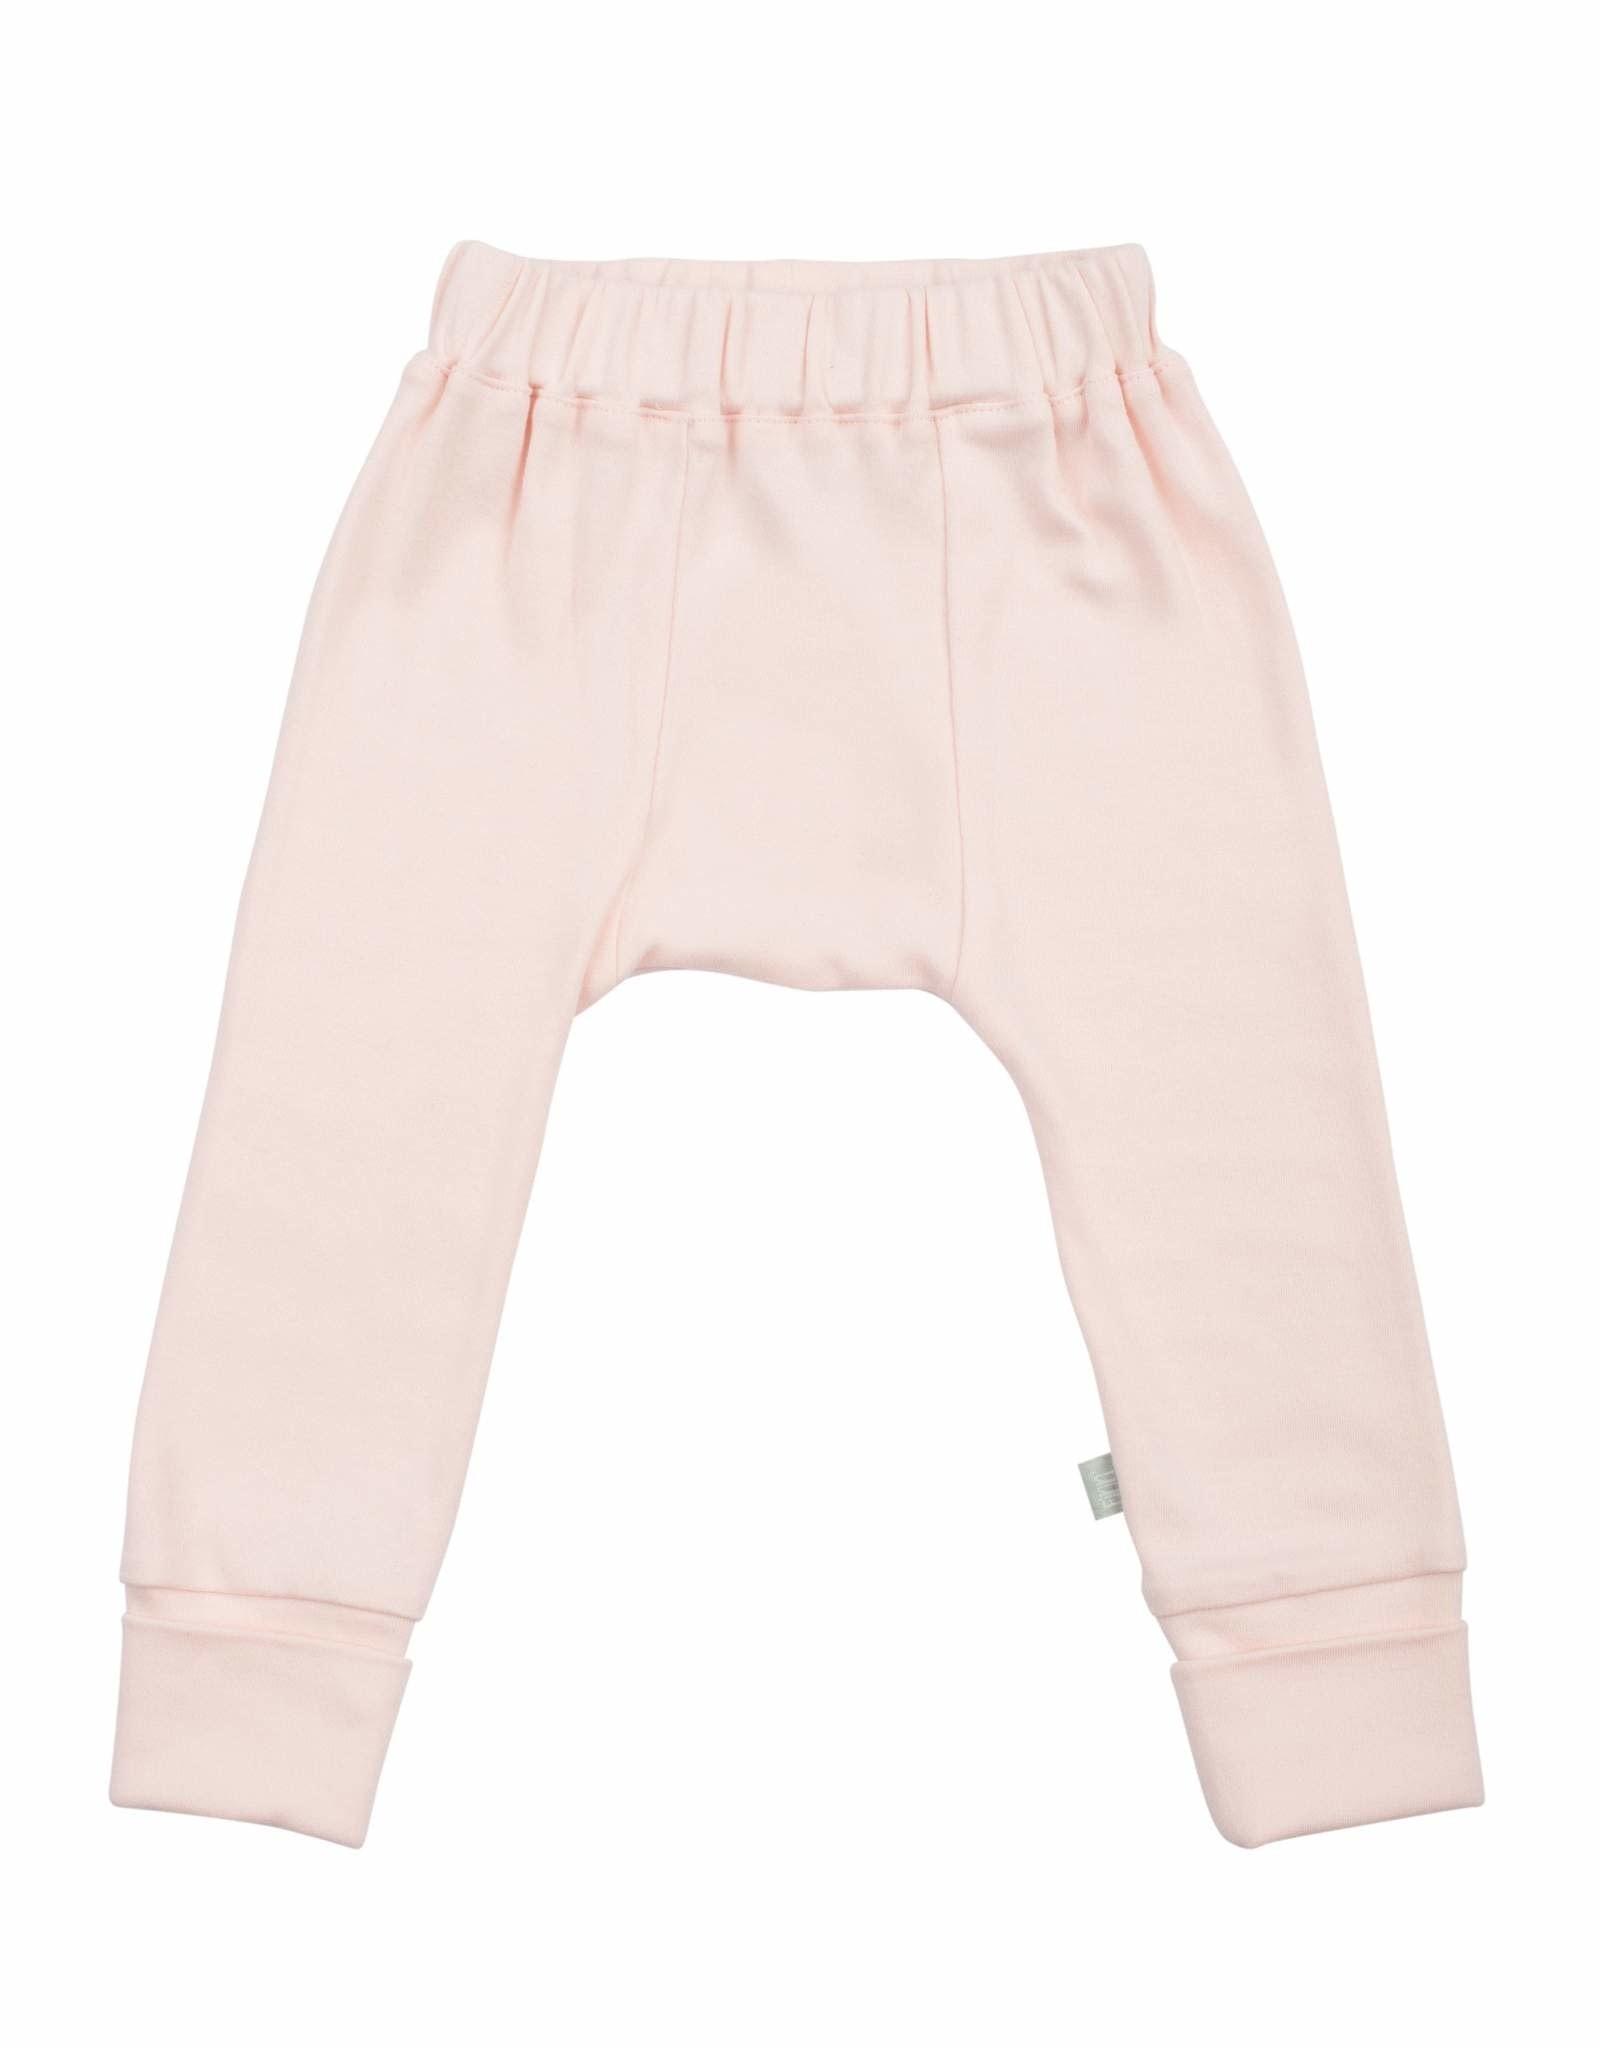 Finn + Emma Basics Pants